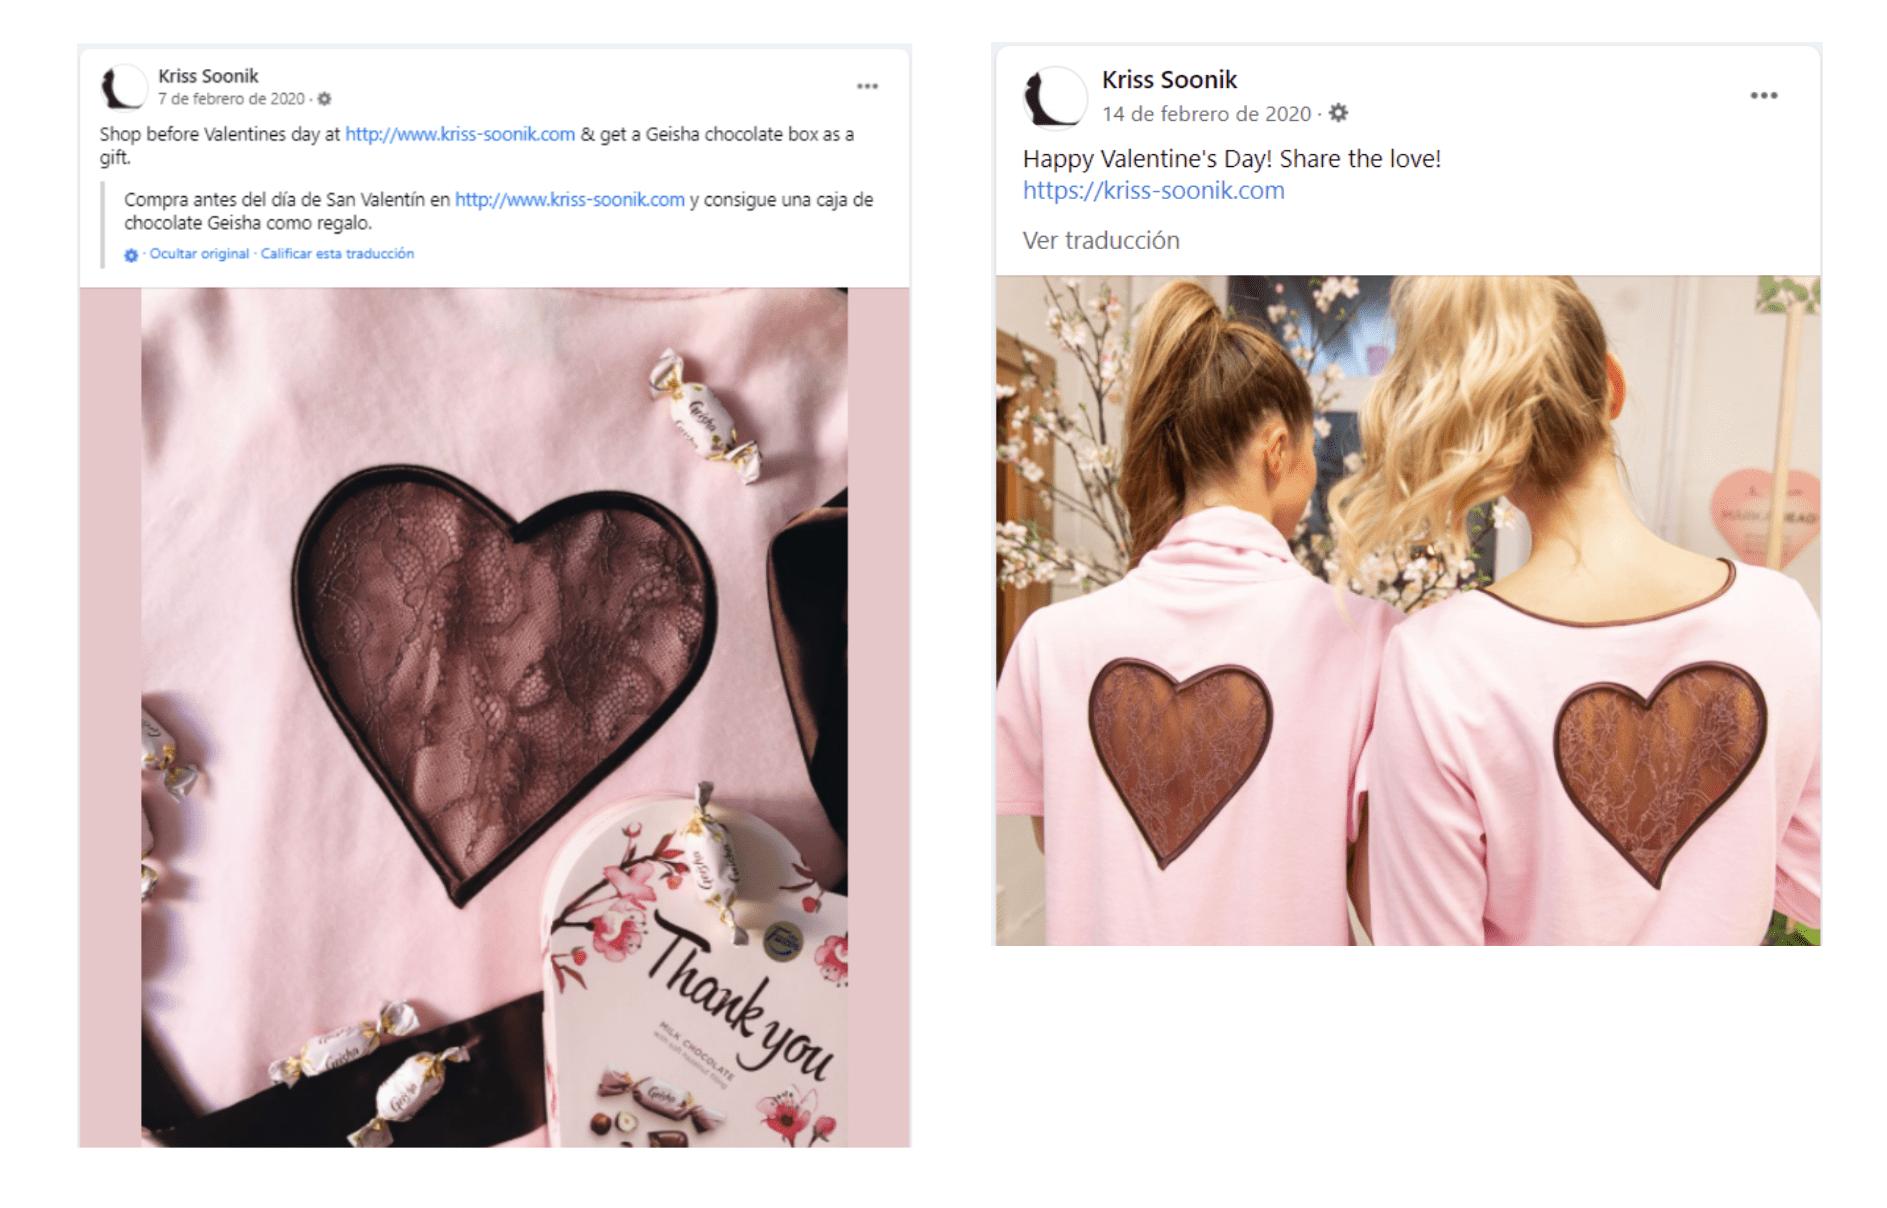 Campaña de marketing para el día de San Valentín de Kriss Soonic.